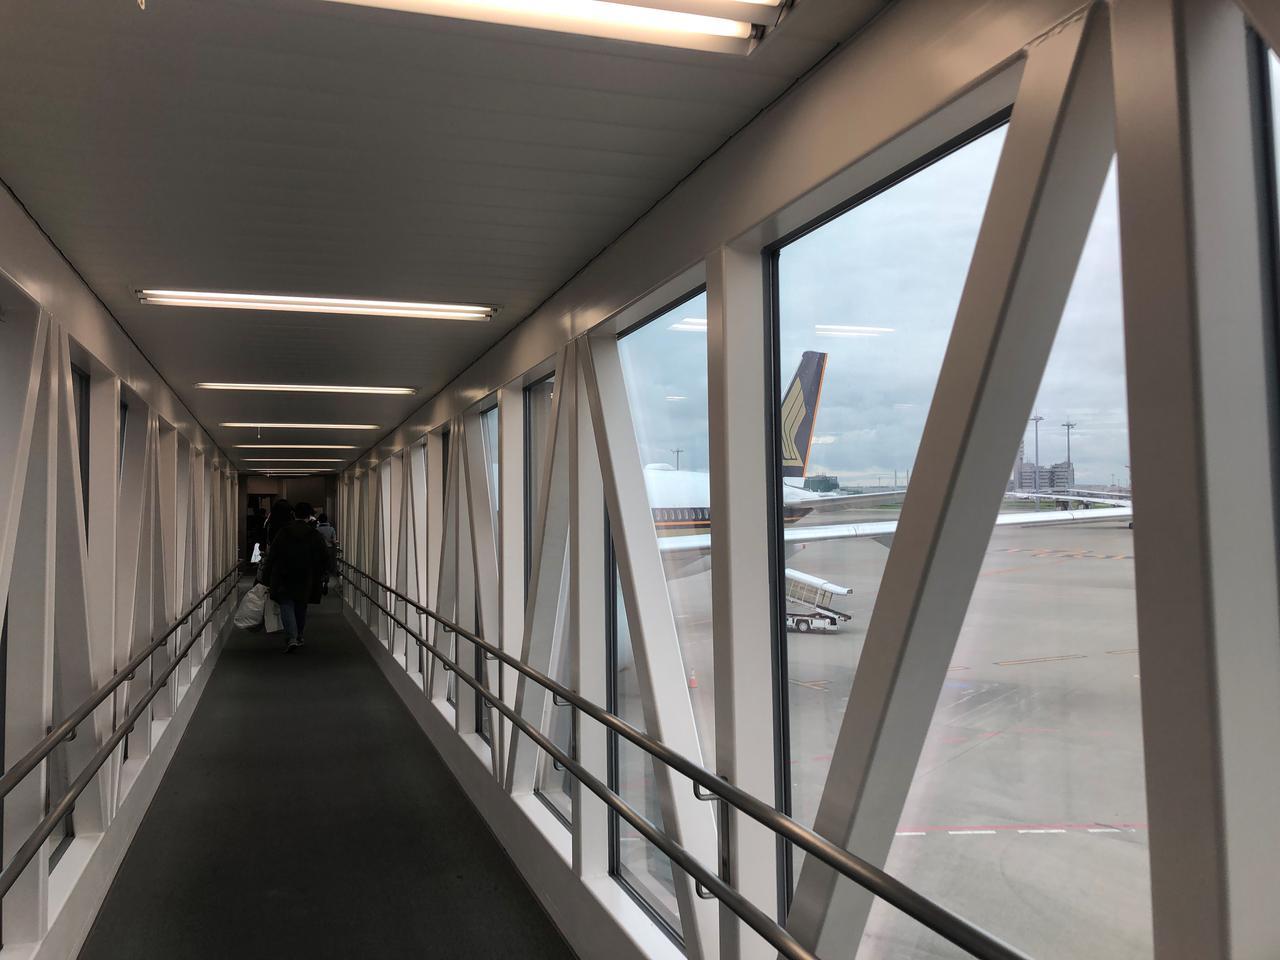 画像: 2018年の世界のベストエアライン第1位にランクインしたシンガポール航空を利用しました(2019年7月 担当者撮影)